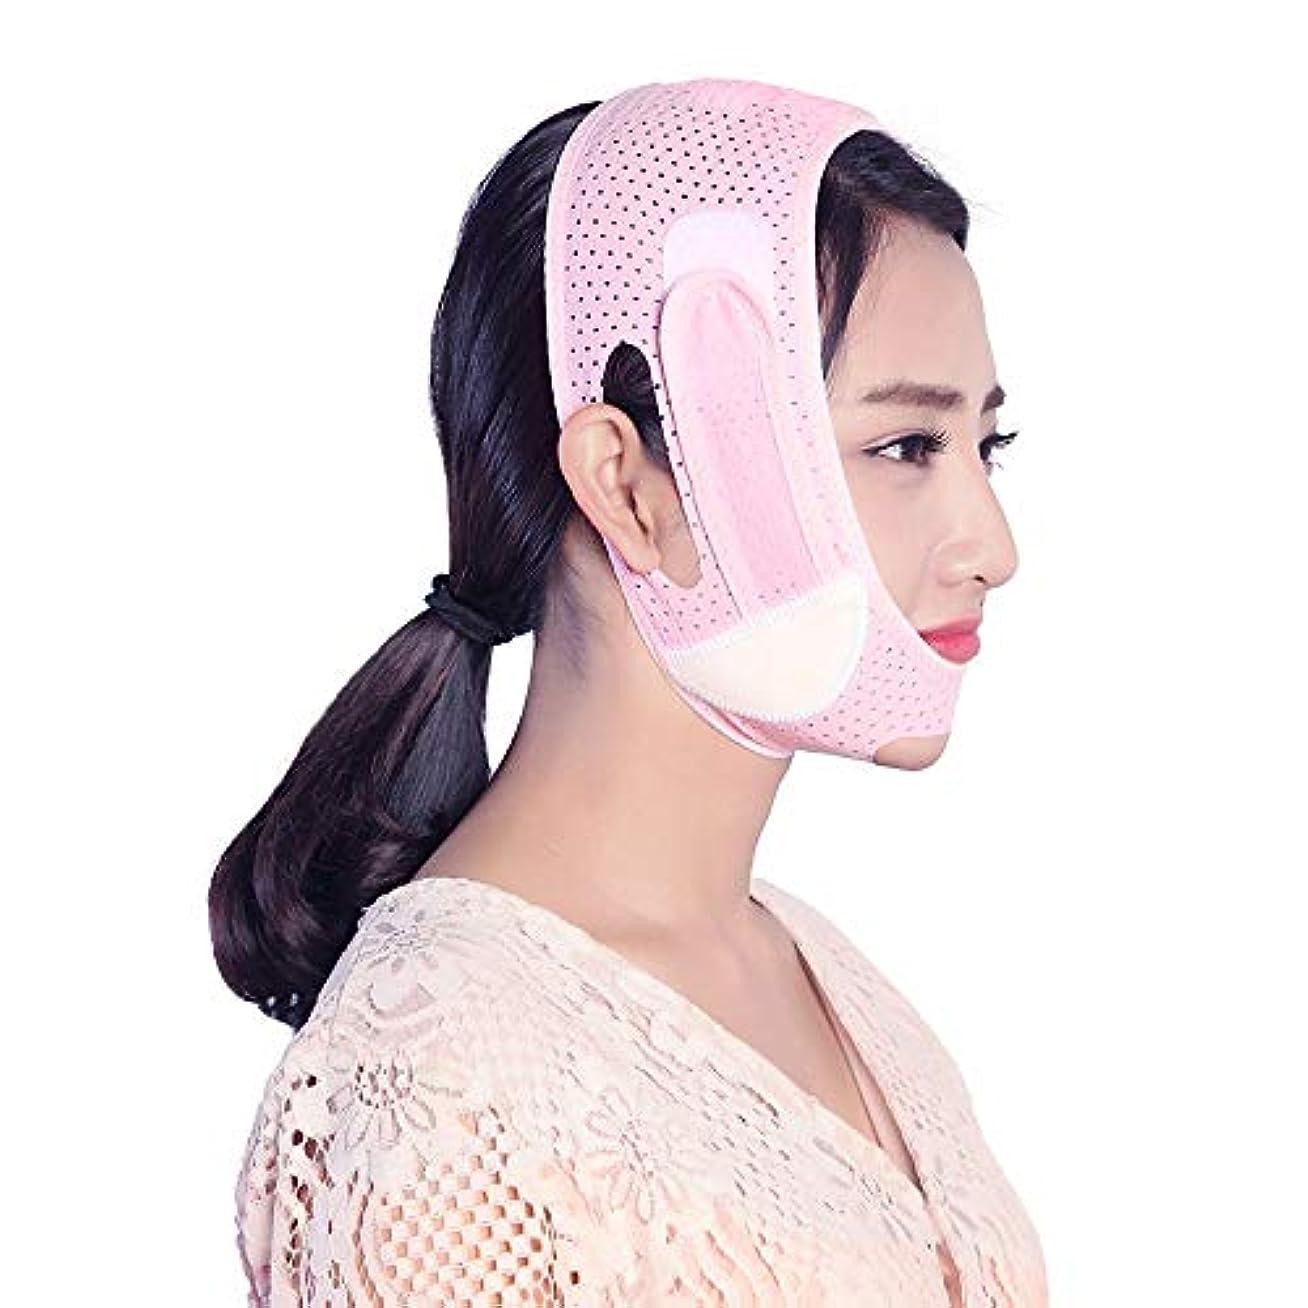 の量老人見ましたJia Jia- 睡眠薄い顔パッチ包帯吊り上げプルv顔引き締めどころアーティファクト判決パターン二重あご薄いマッセルマスク - ピンク 顔面包帯